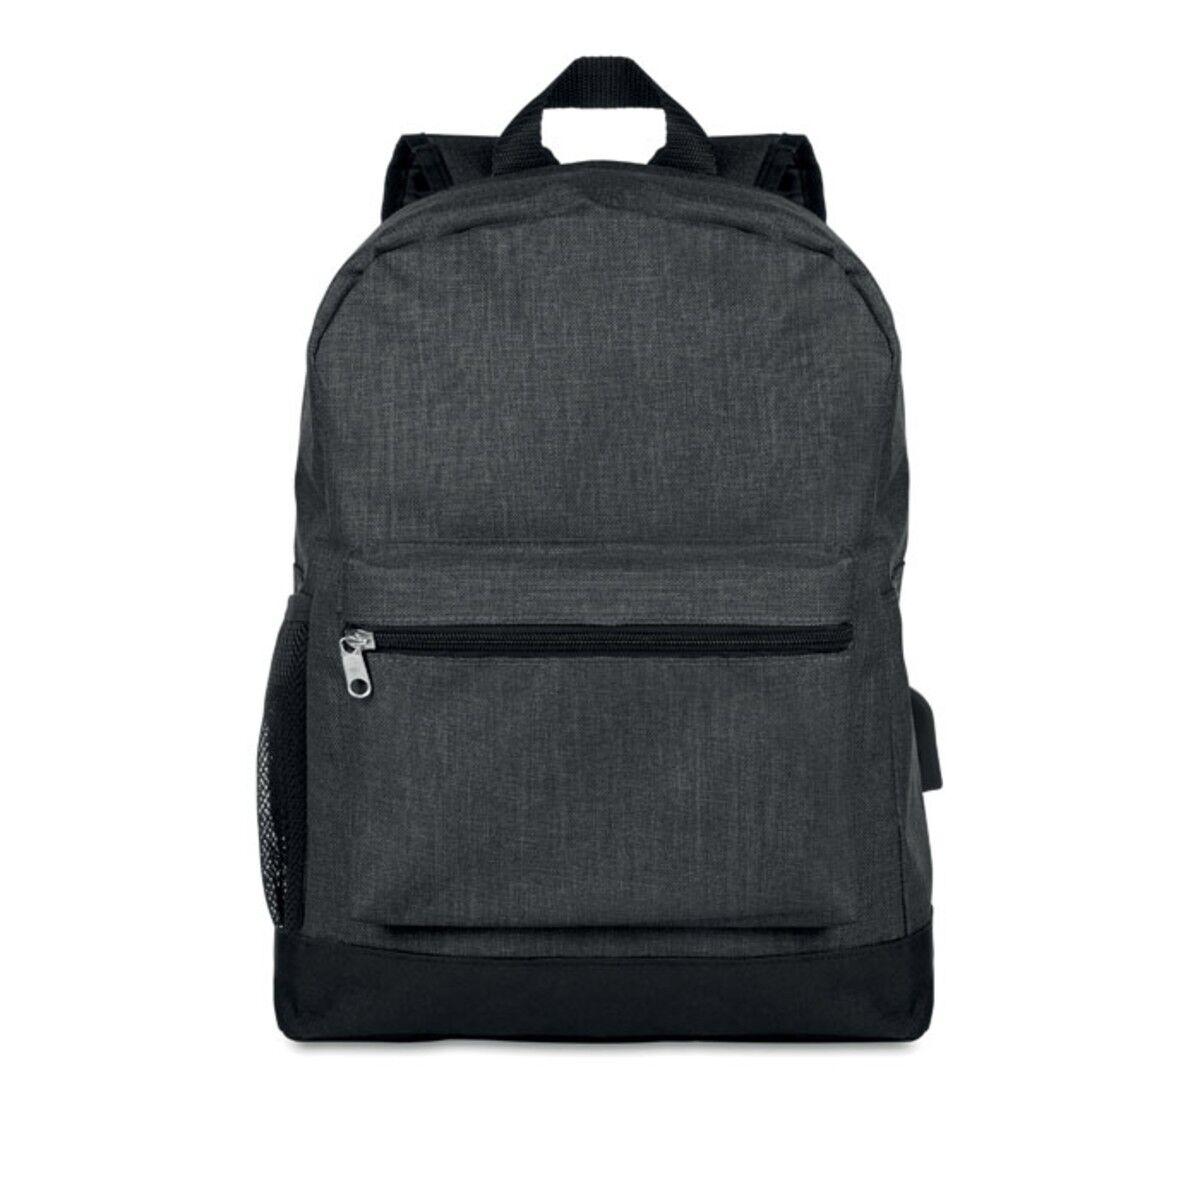 RFID Backpack in Black